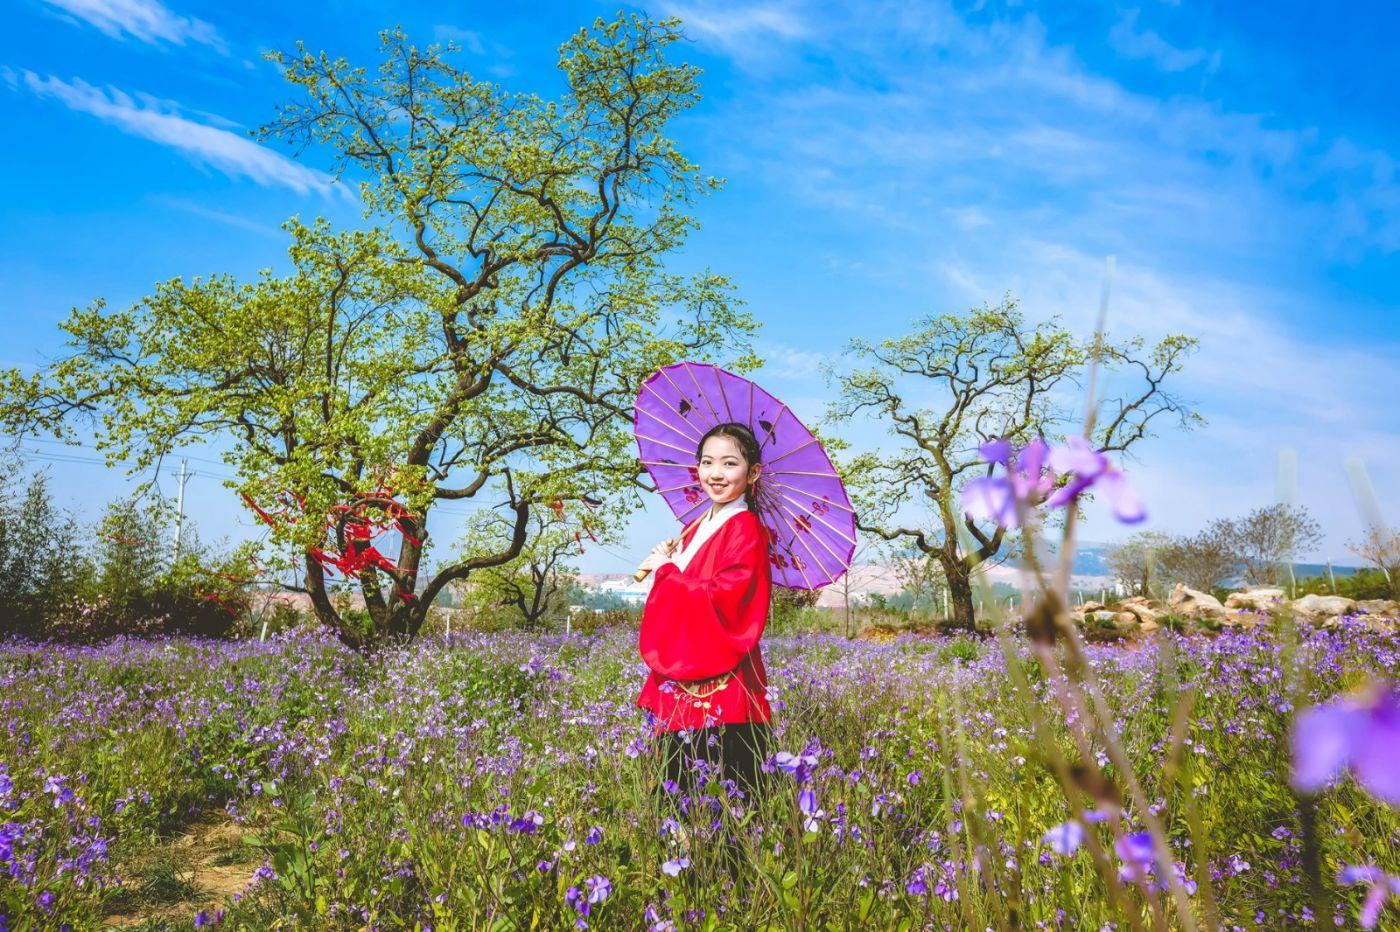 这个春天有点美 汉服仙子下凡尘 抓紧来临沂踏青赏花拍片片_图1-2